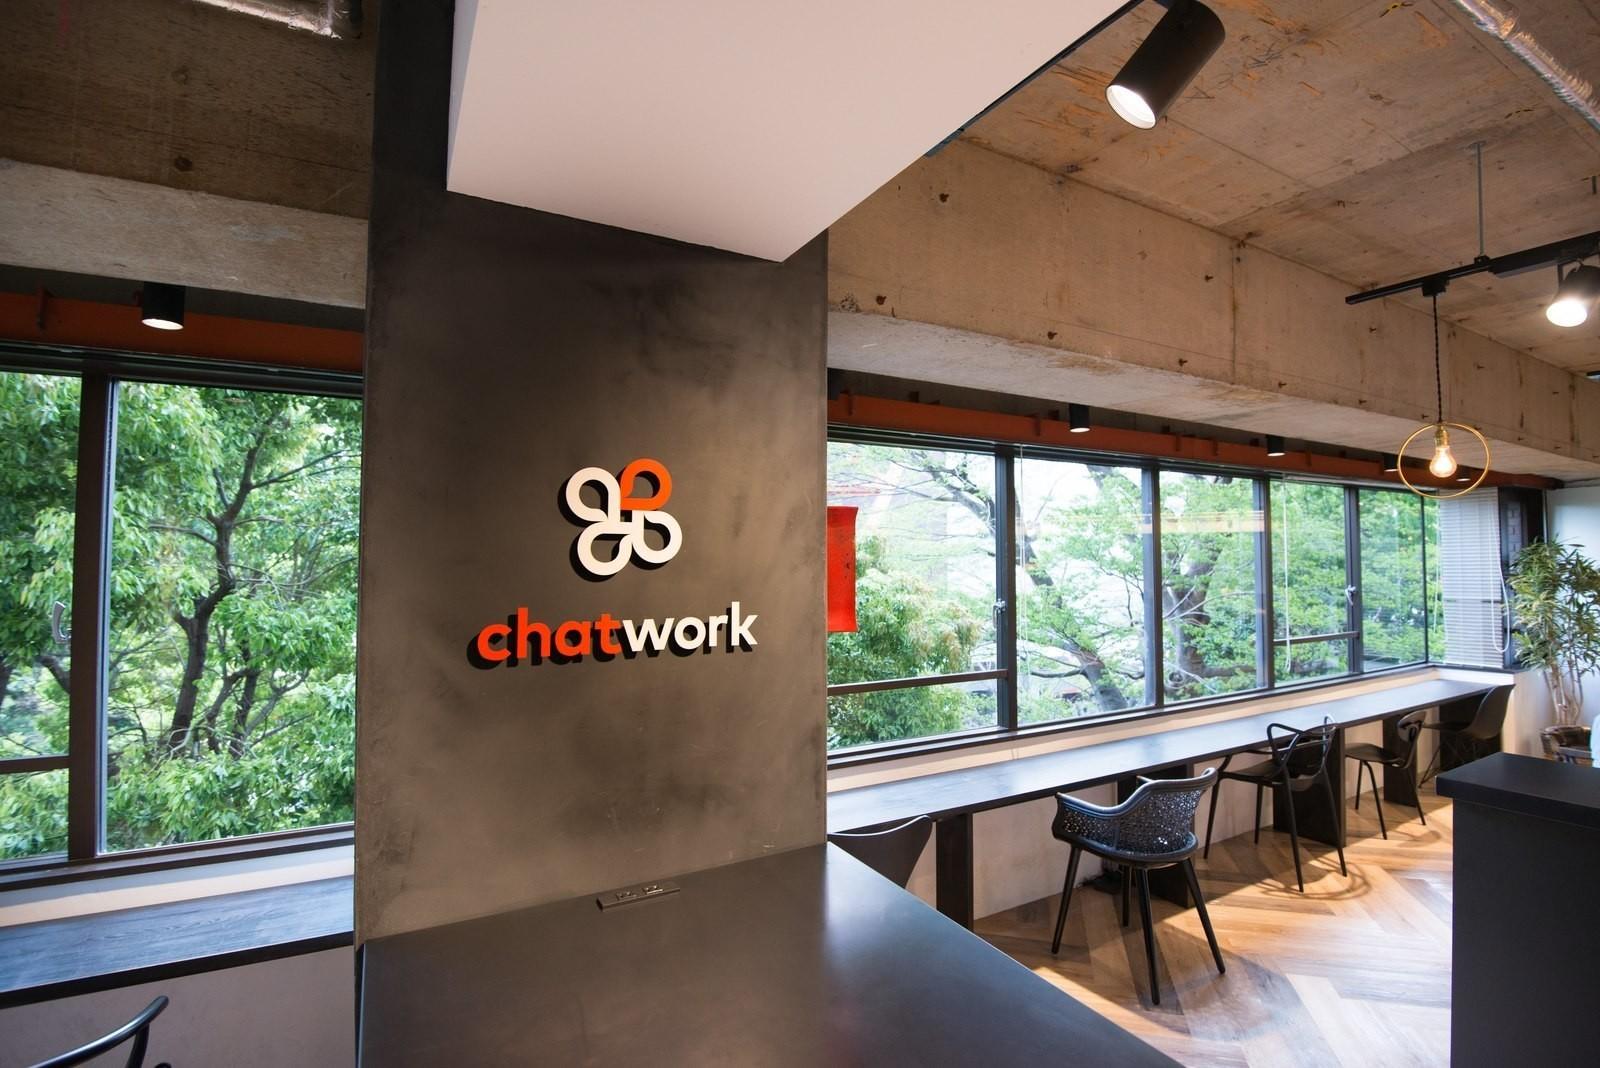 「Chatwork」でAndroidアプリエンジニアを募集!!【導入企業数20万社以上】【18億円資金調達完了】(東京オフィス)